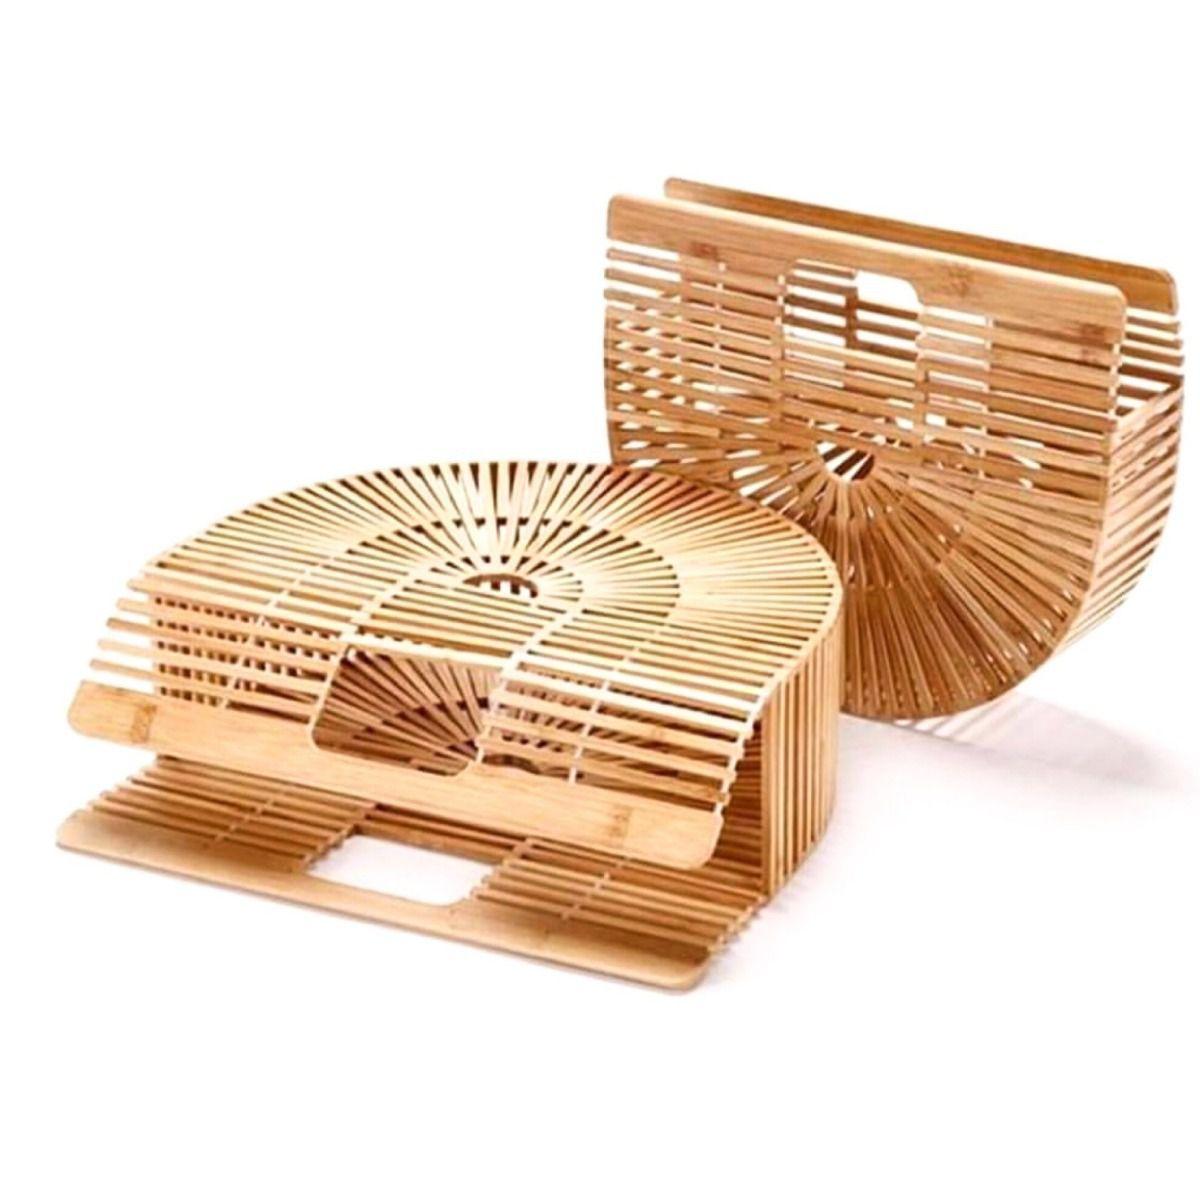 Bolsa Clutch Modelo Cult Gaia de madeira natural bambu